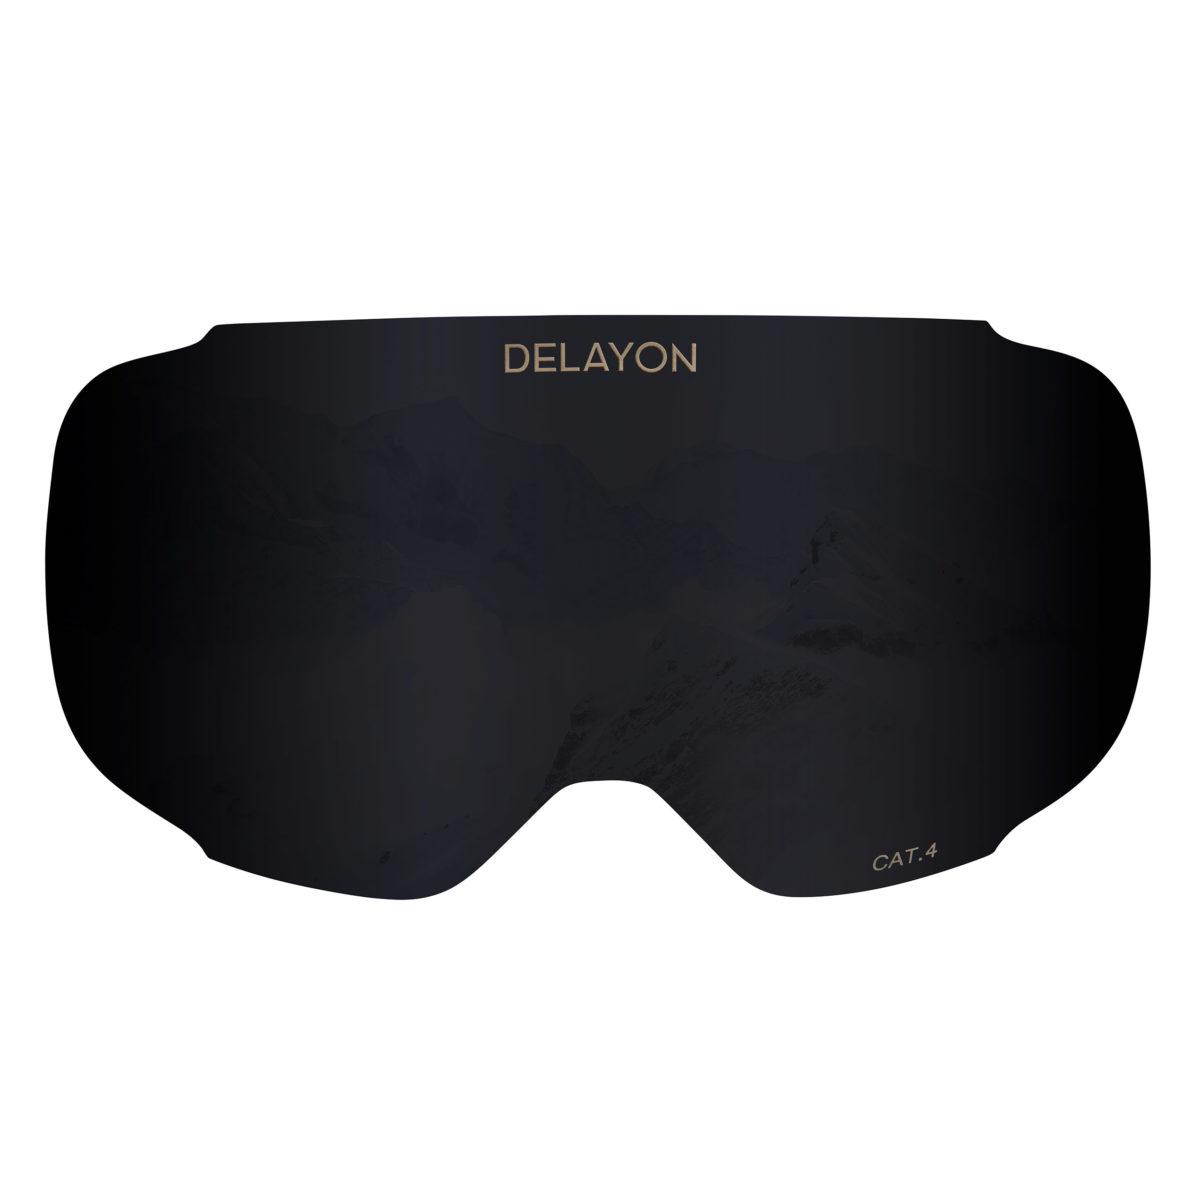 DELAYON Eyewear Explorer lens STRONG Black